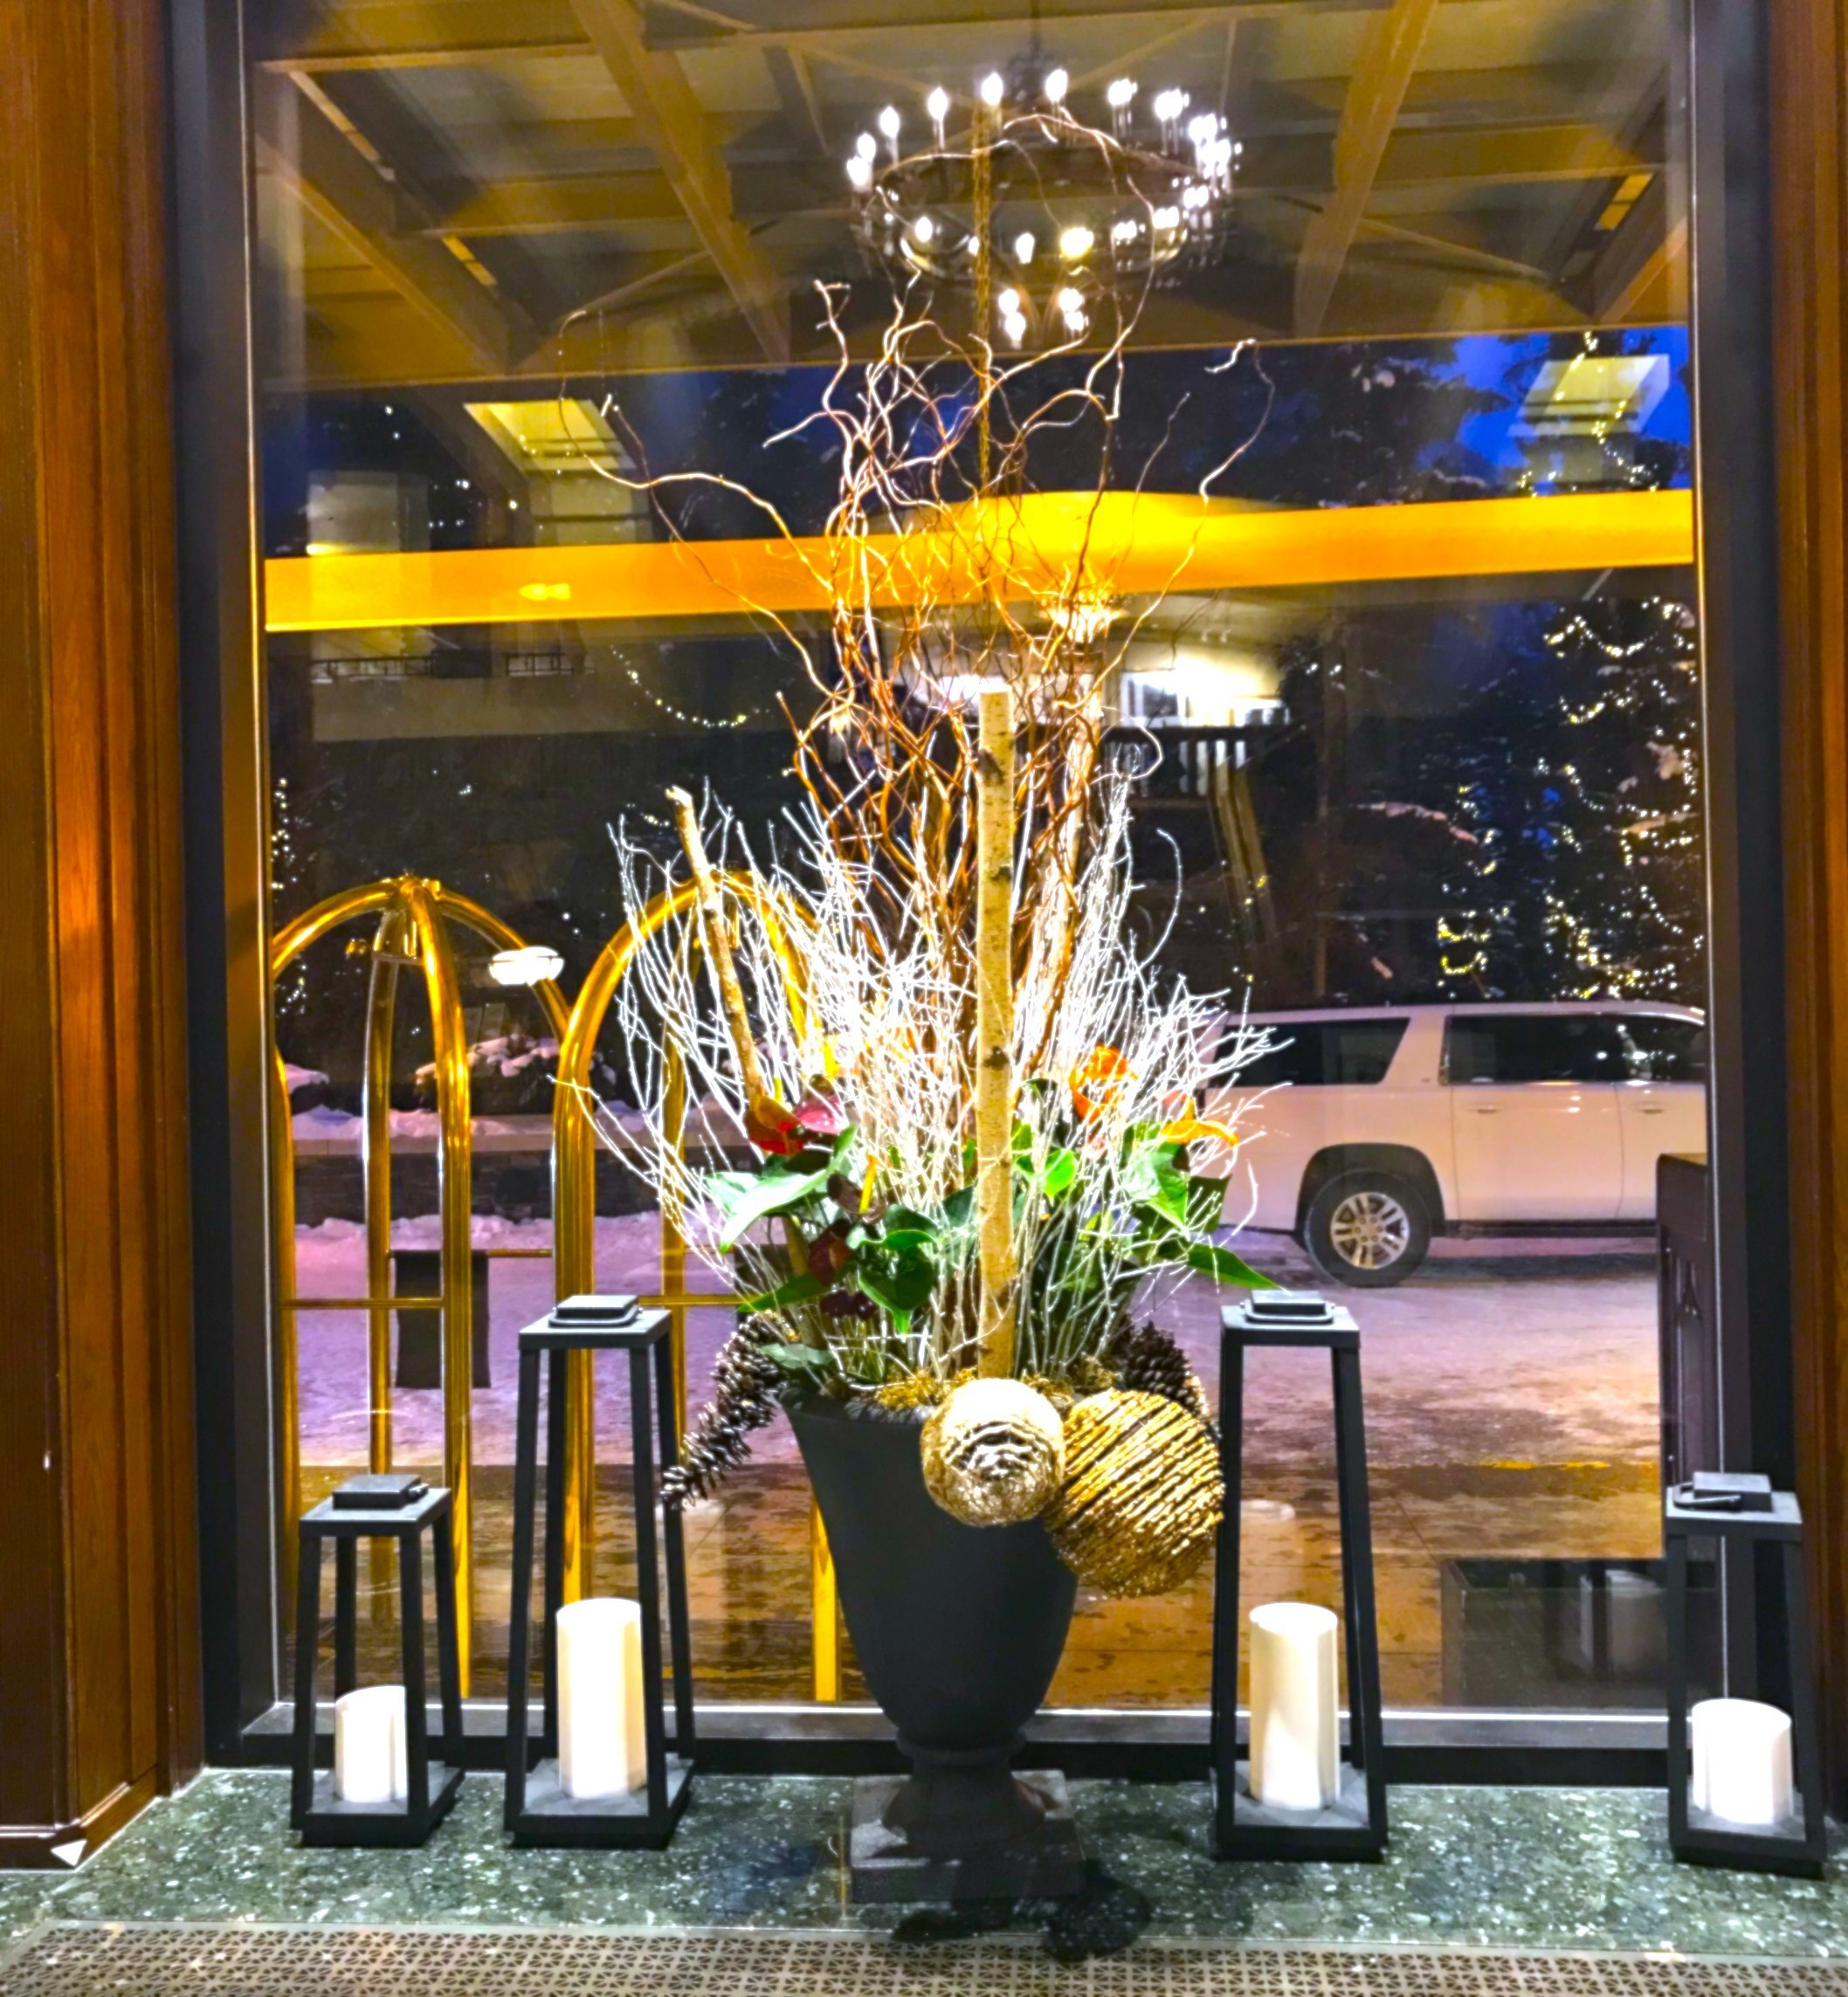 ホテルのロビーの立派な生け花の写真。カナダ・バンフスプリングホテル。